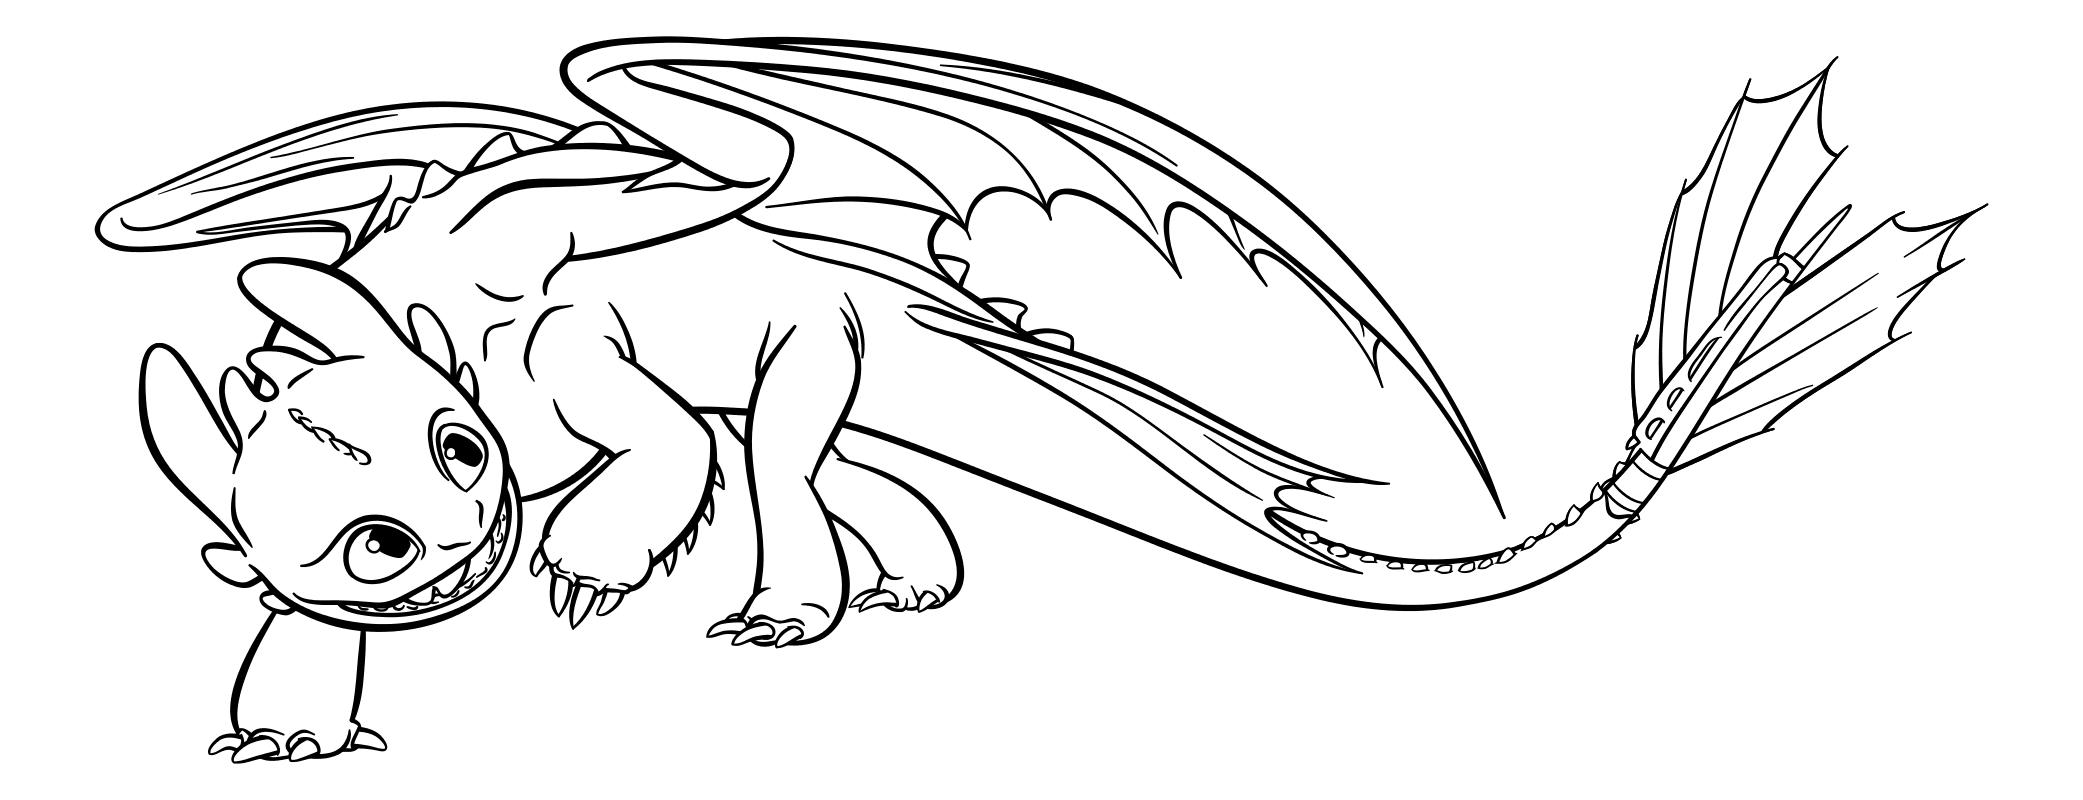 Раскраска - Как приручить дракона 3 - Беззубик - игривый дракон